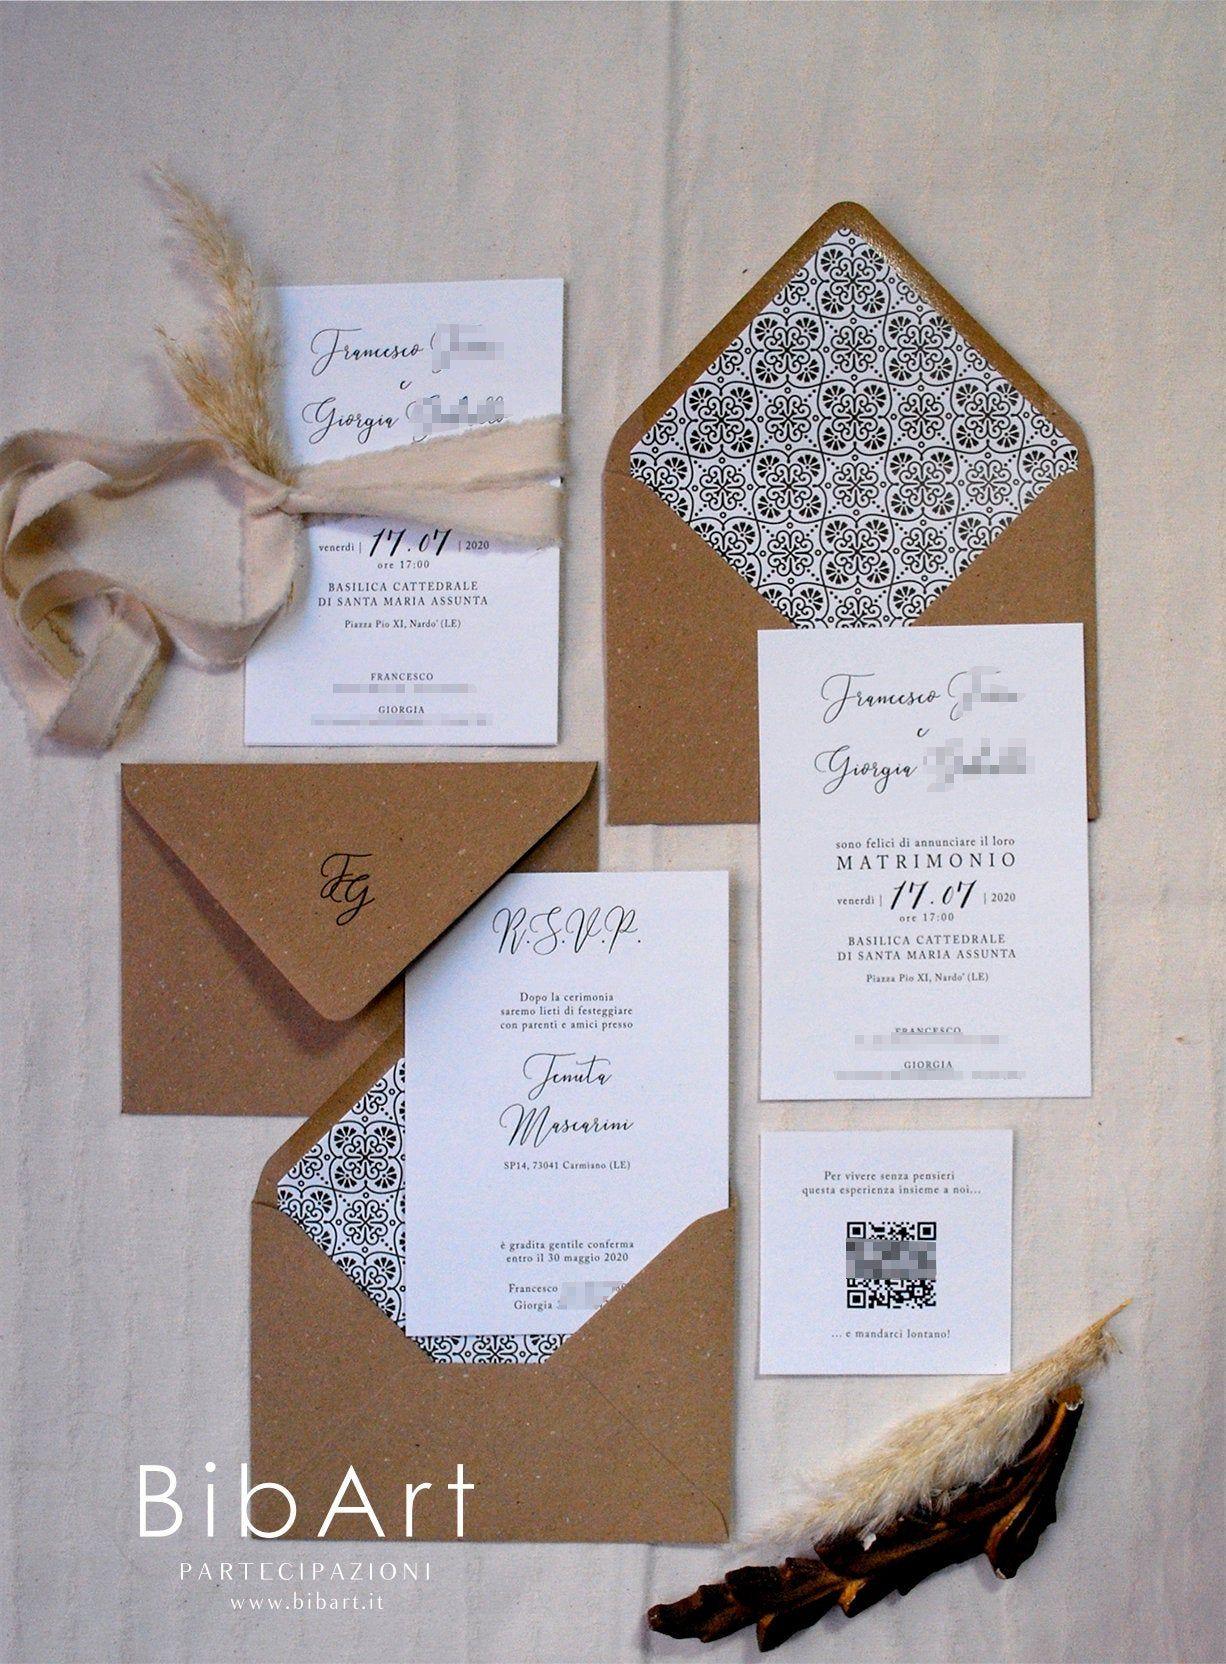 Partecipazioni Matrimonio 0 50 Cent.Pin Su Wedding Invitation 2020